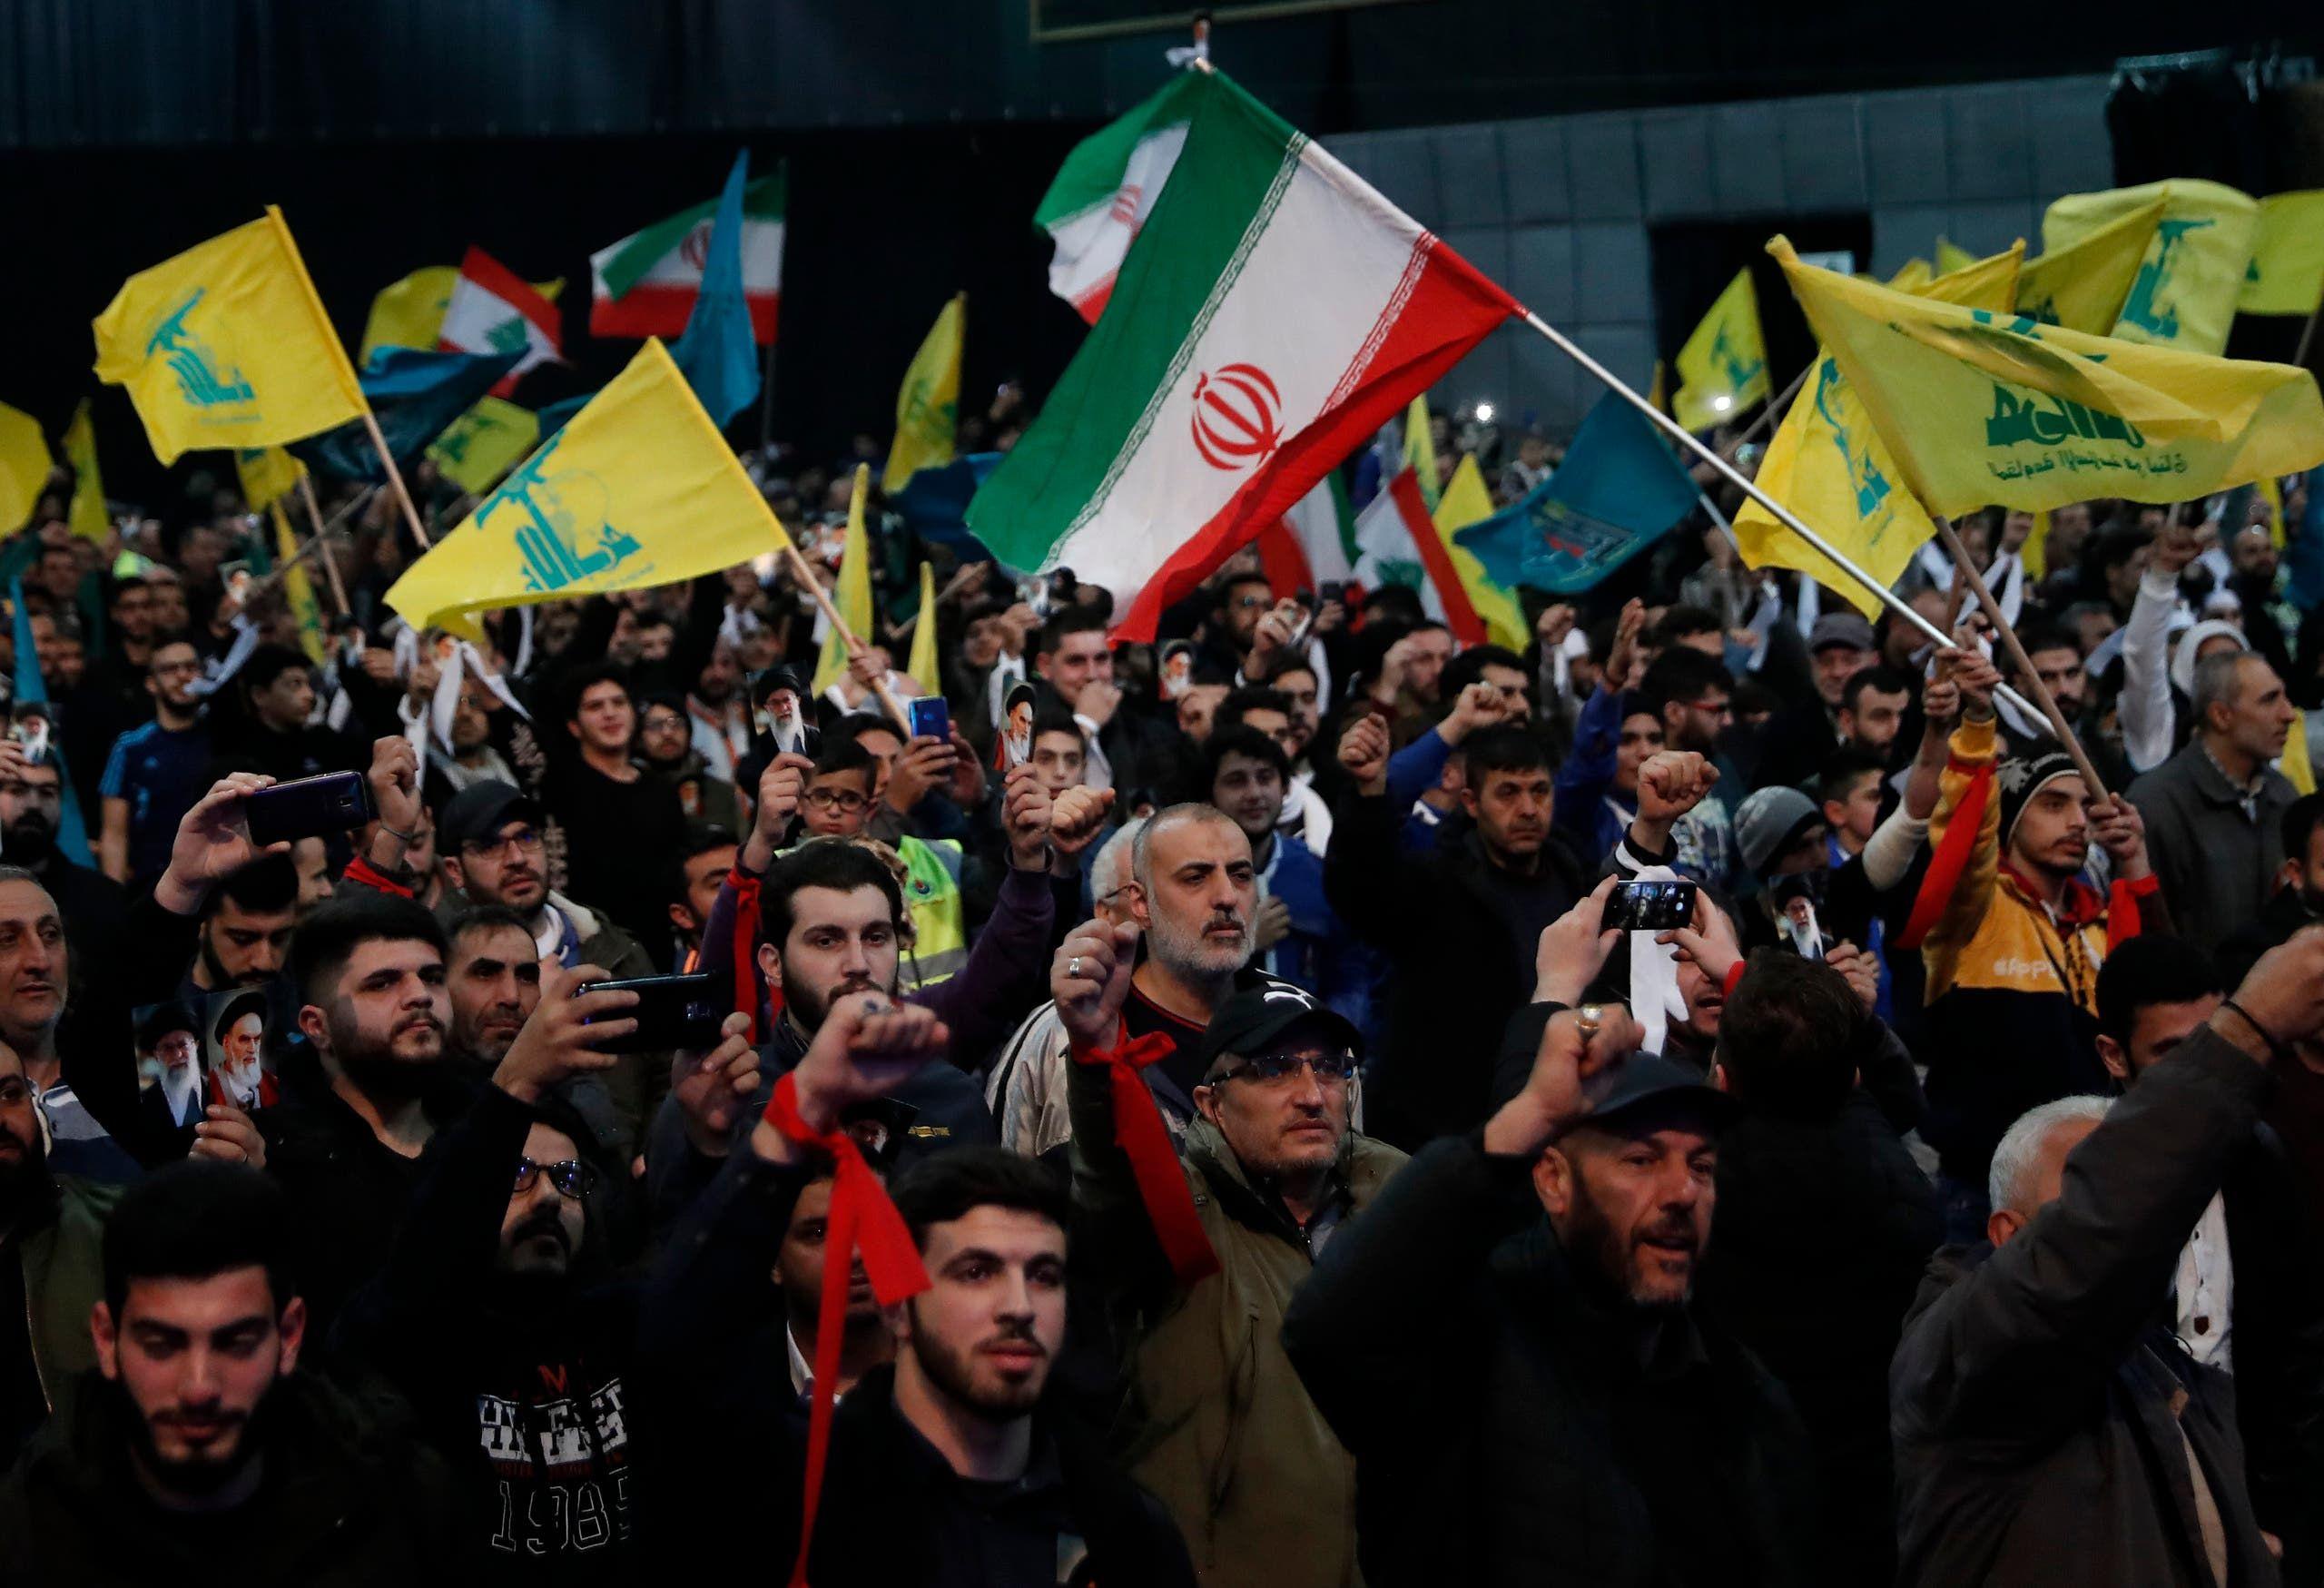 مناصرون لحزب الله يرفعون علمه والعلم الإيراني خلال تجمع في بيروت في 2019 (أرشيفية)